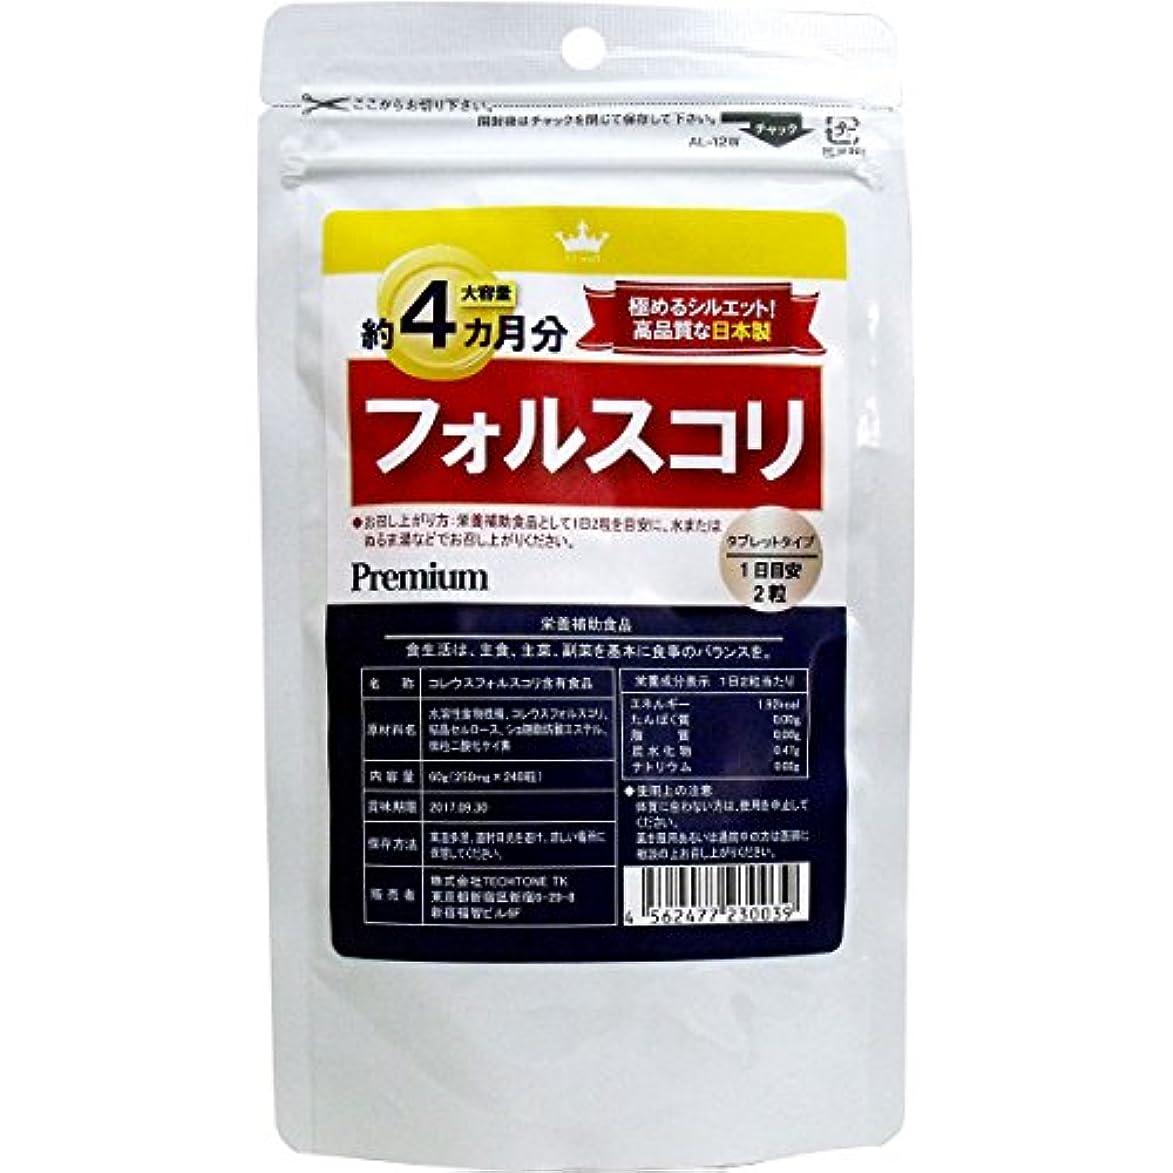 やりがいのあるプレート太鼓腹ダイエット 高品質な日本製 人気 フォルスコリ 約4カ月分 240粒入【3個セット】